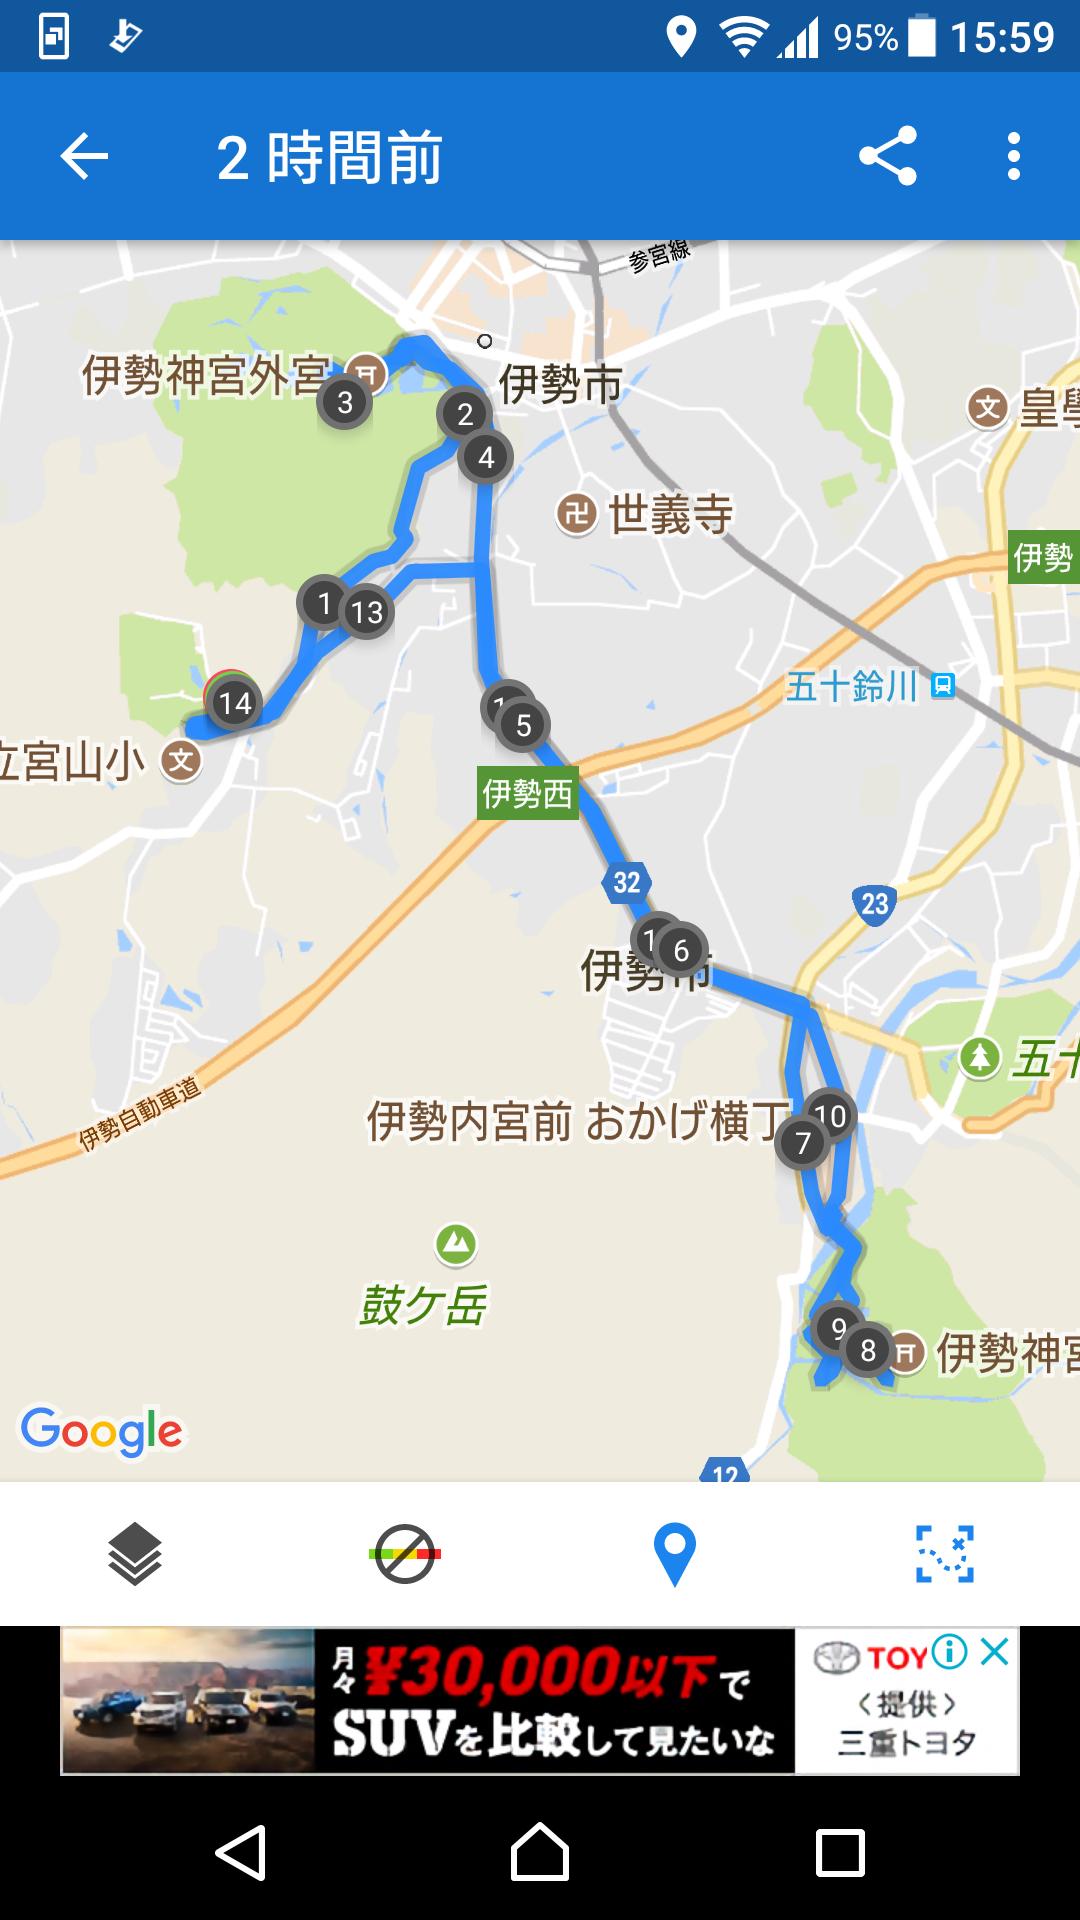 f:id:ynakayama27:20171004172203p:plain